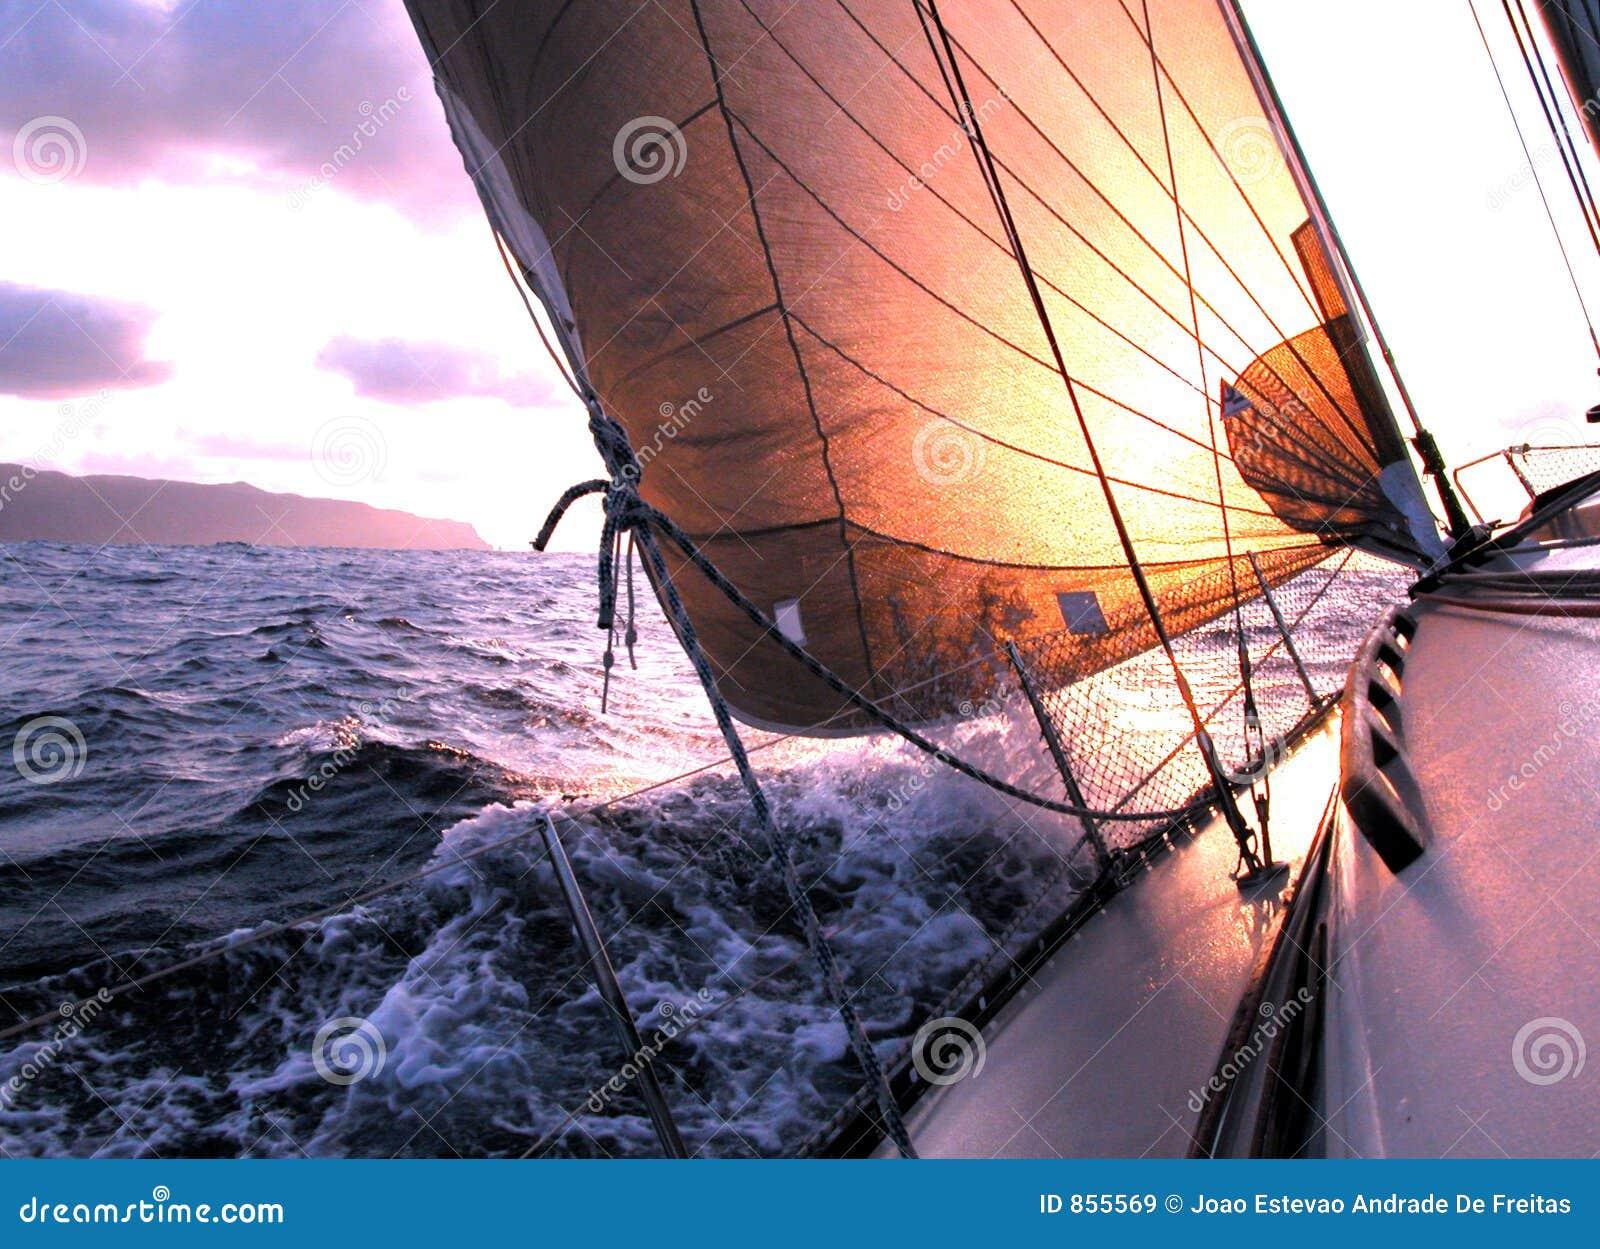 Wschód słońca żeglując